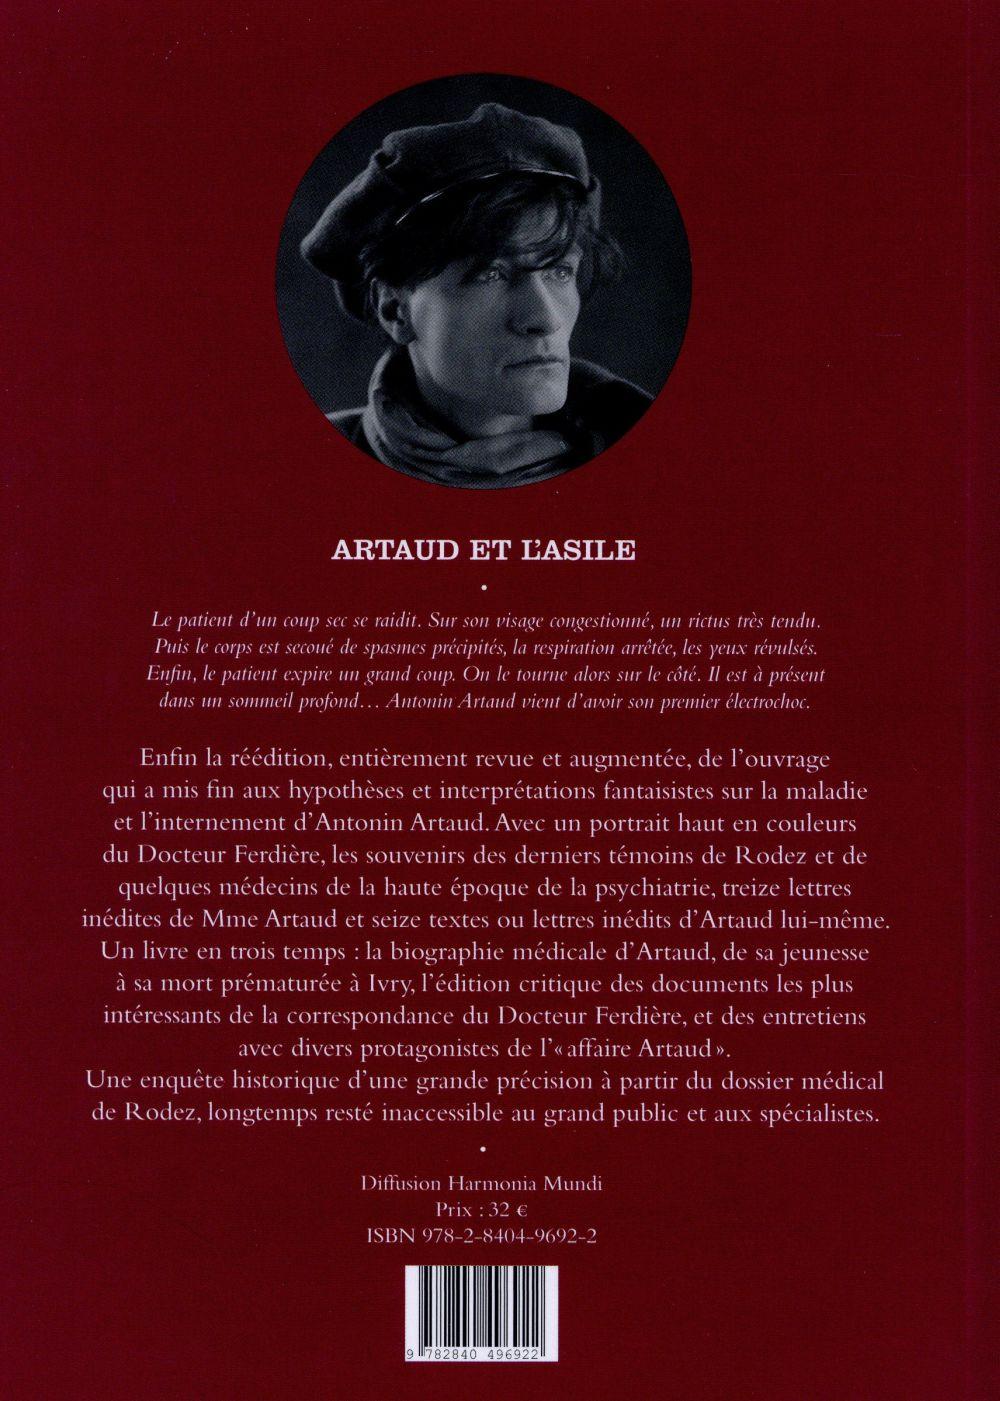 Artaud et l'asile